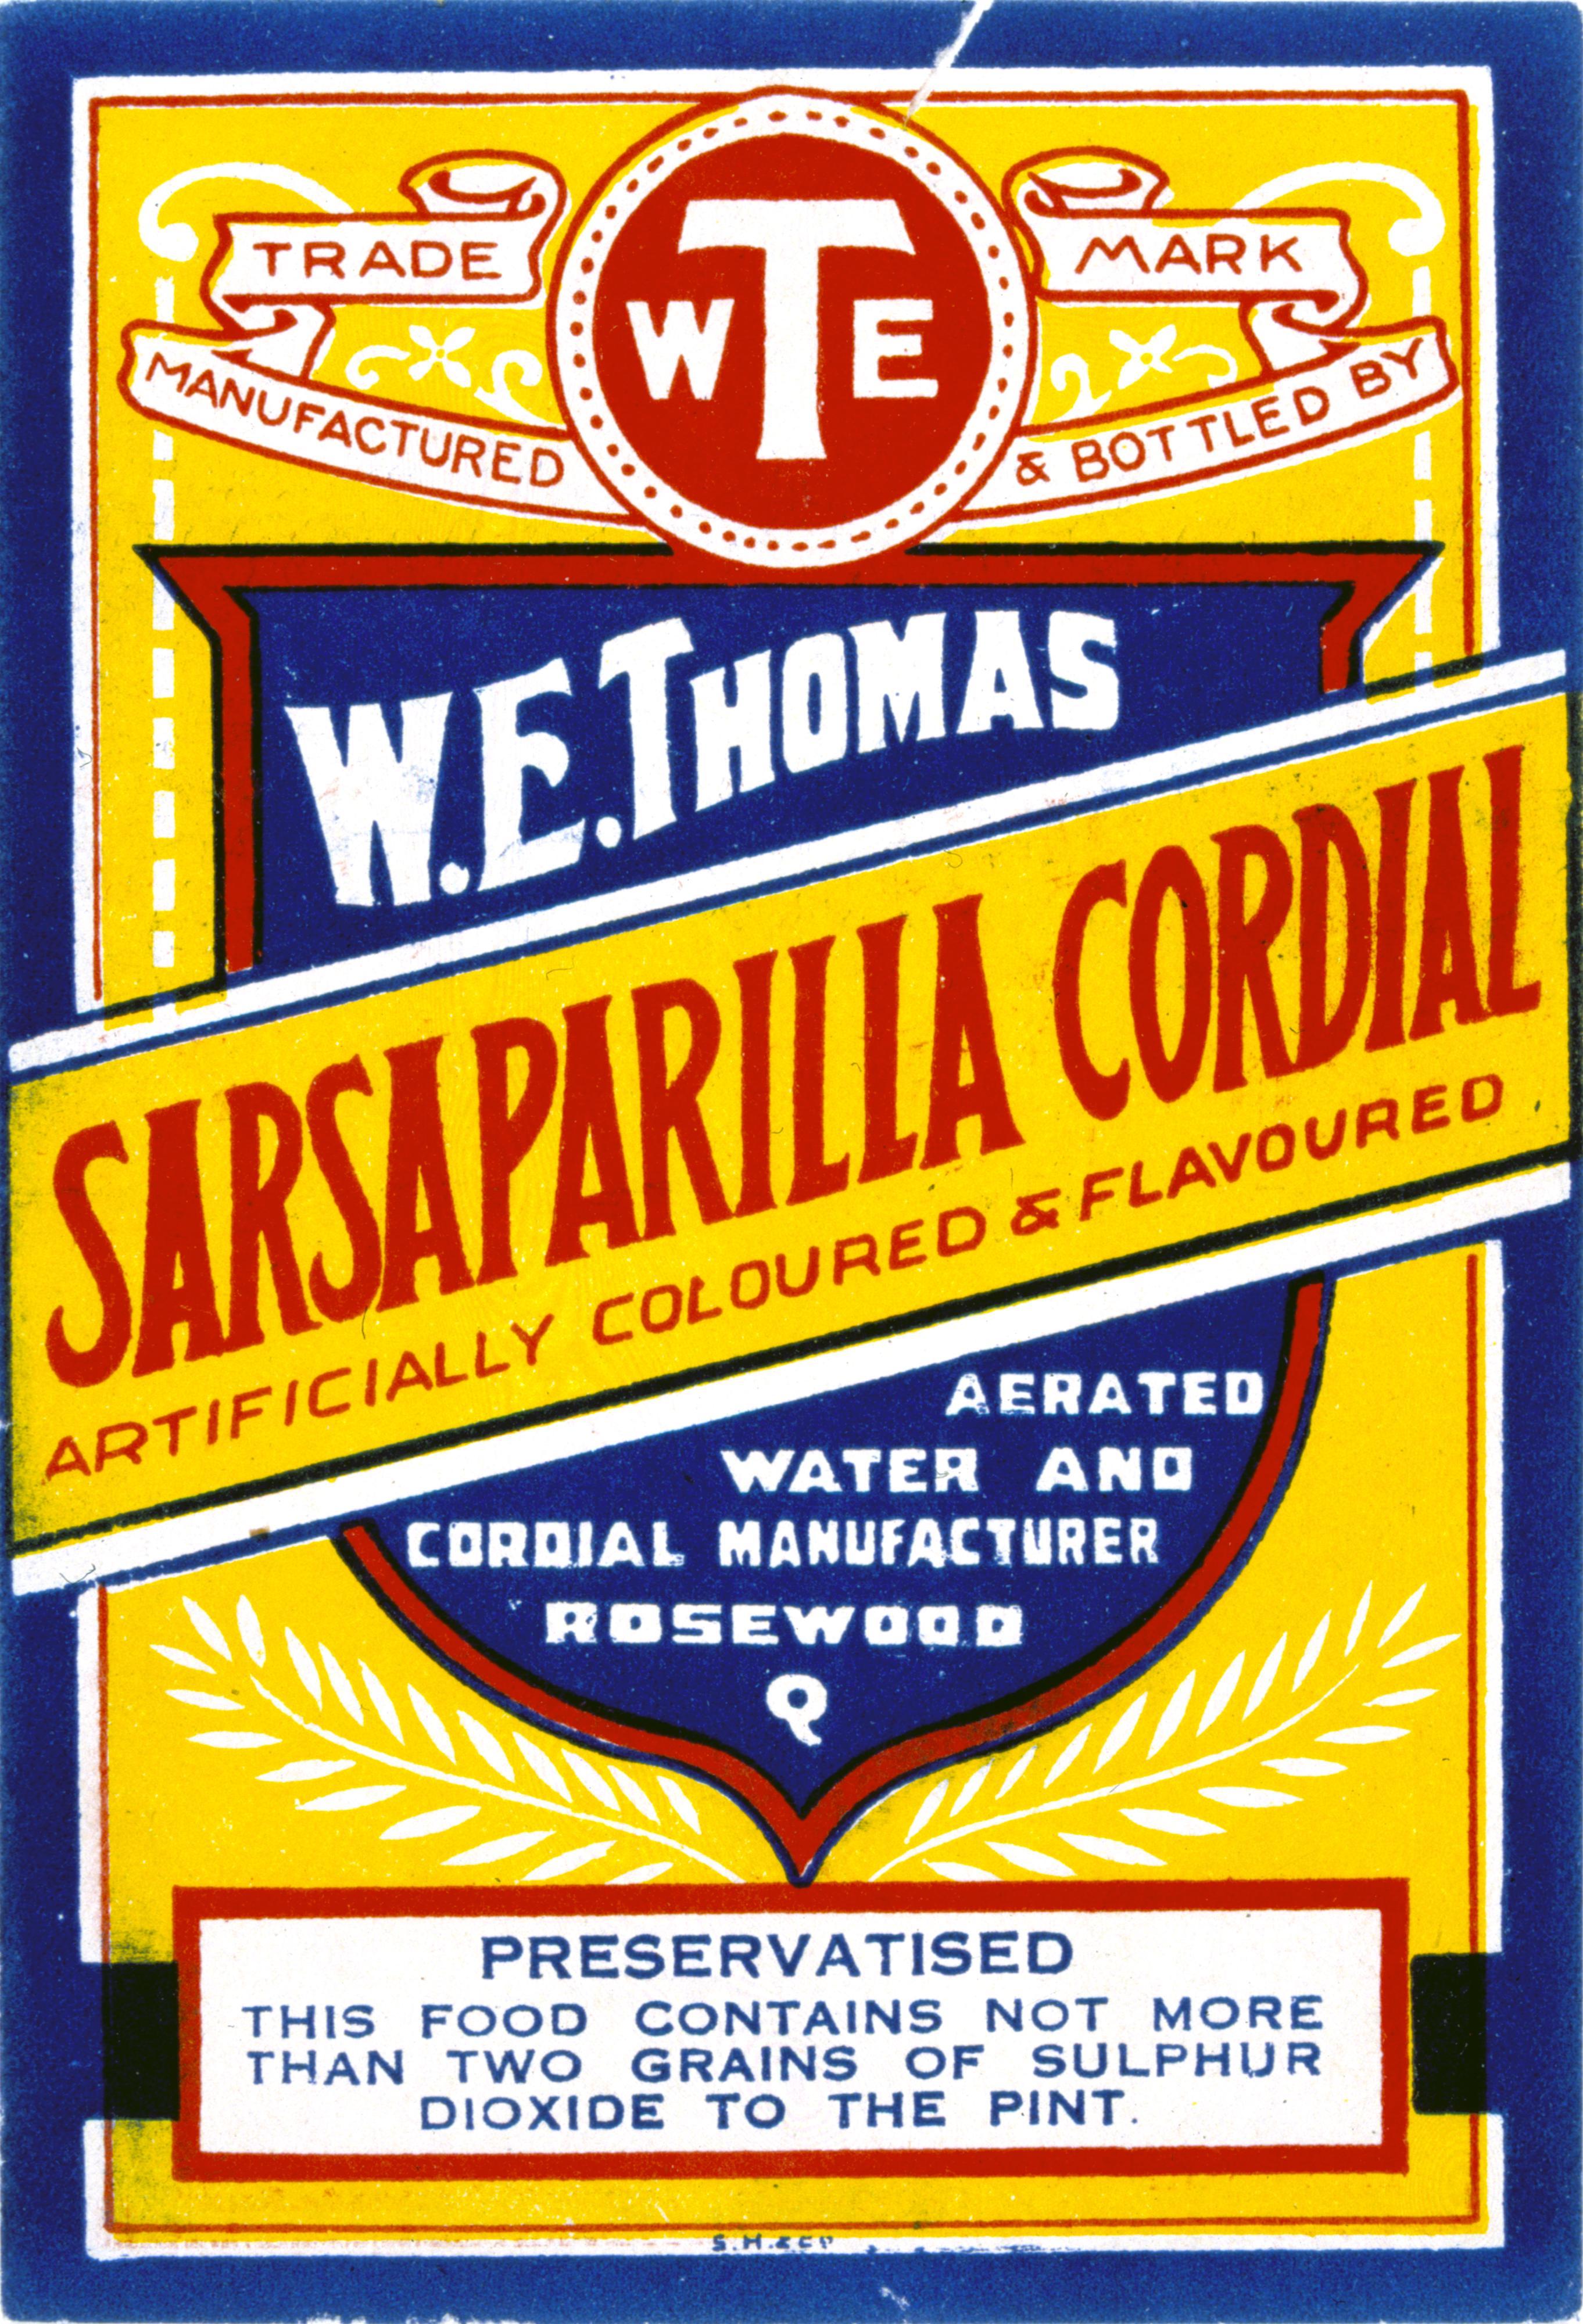 W. E. Thomas Sarsaparilla Cordial label